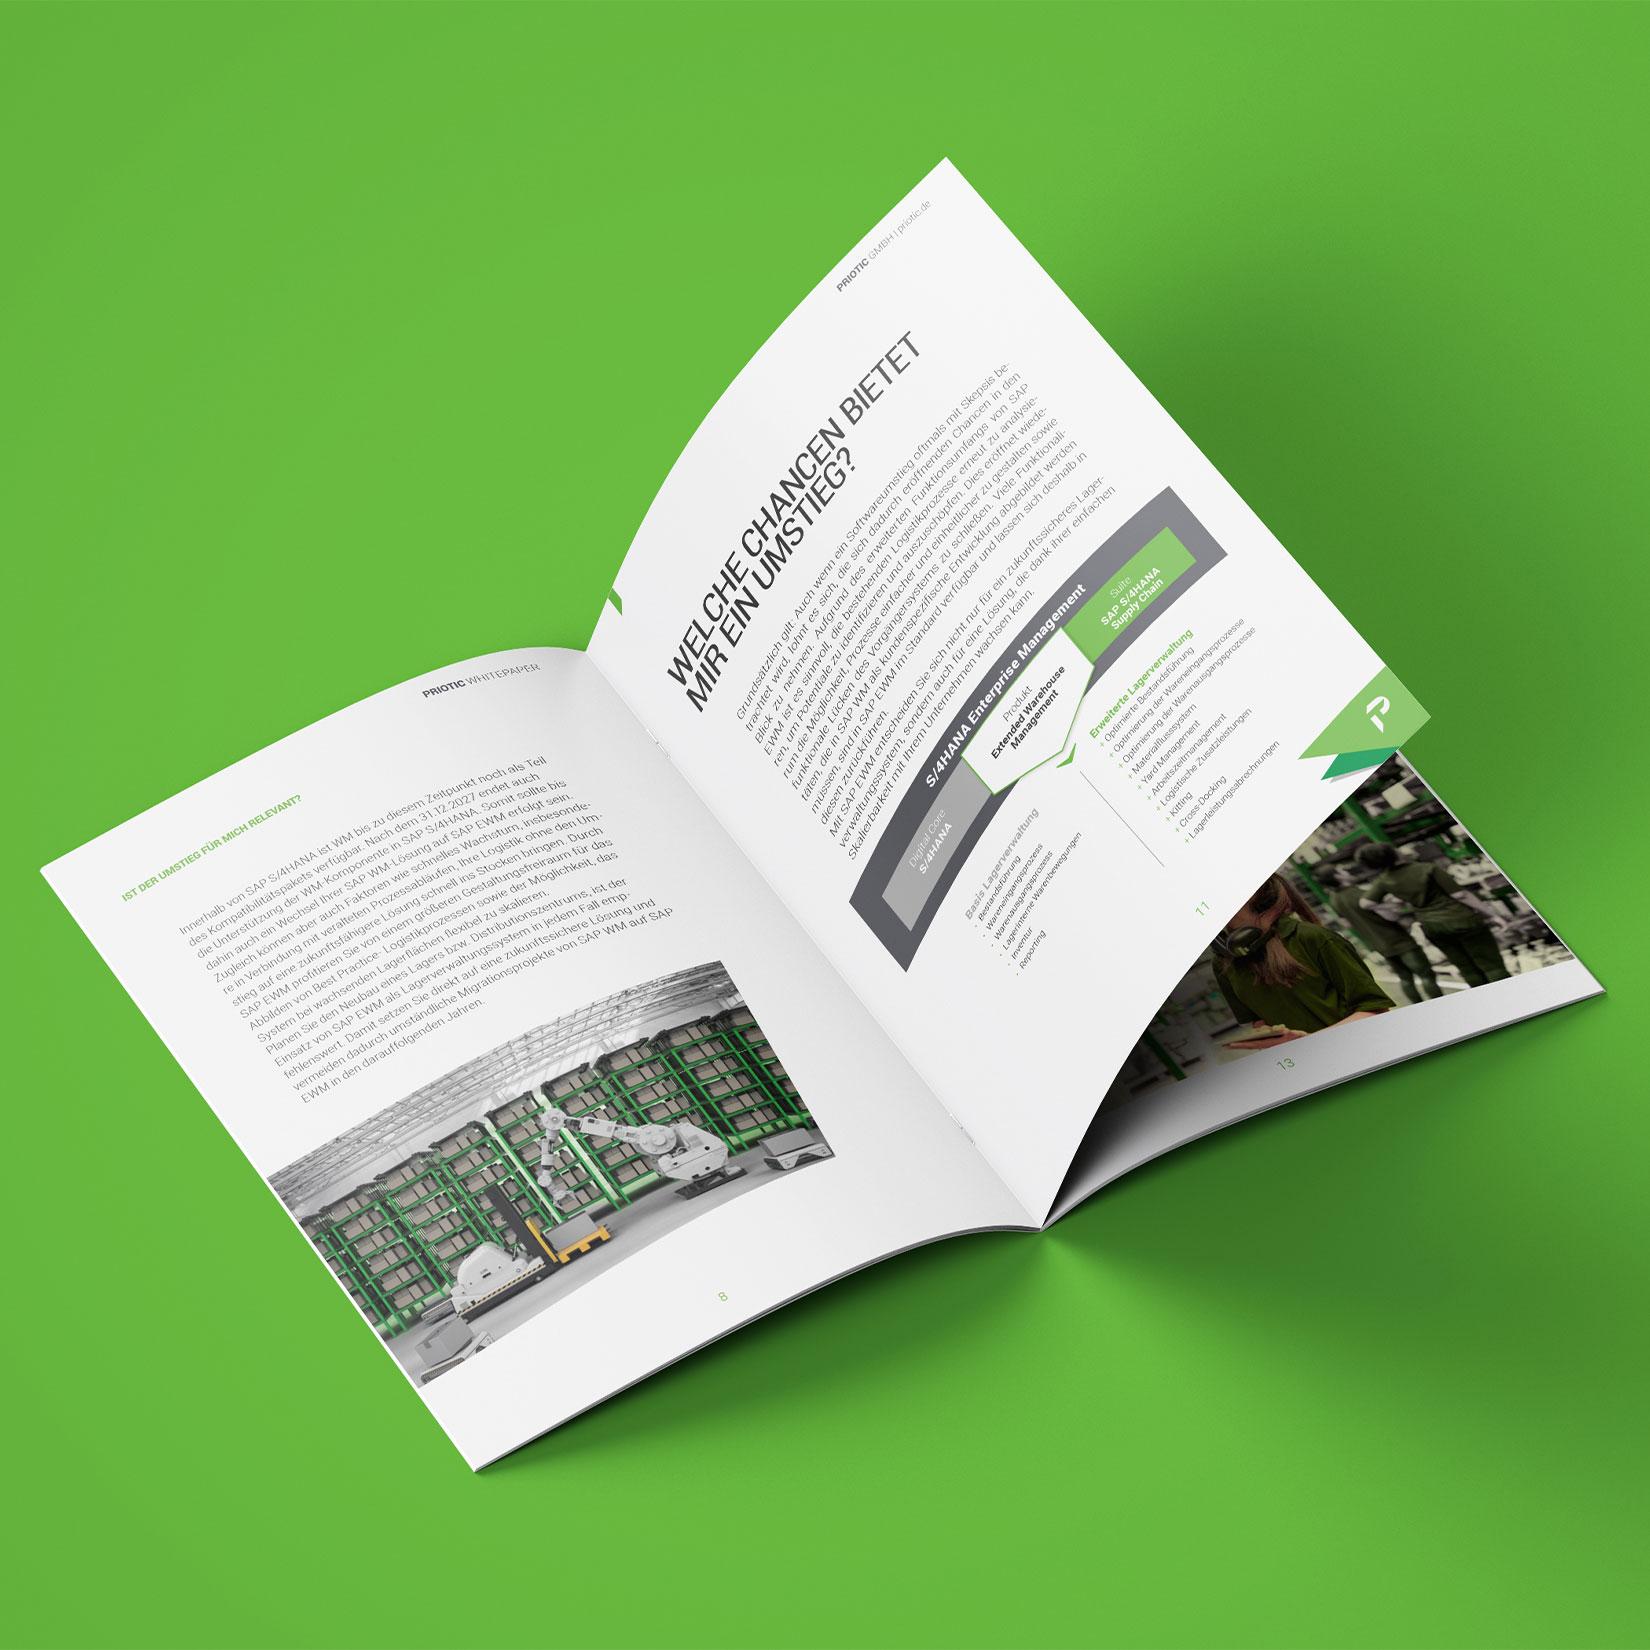 Priotic Corporate Design Whitepaper